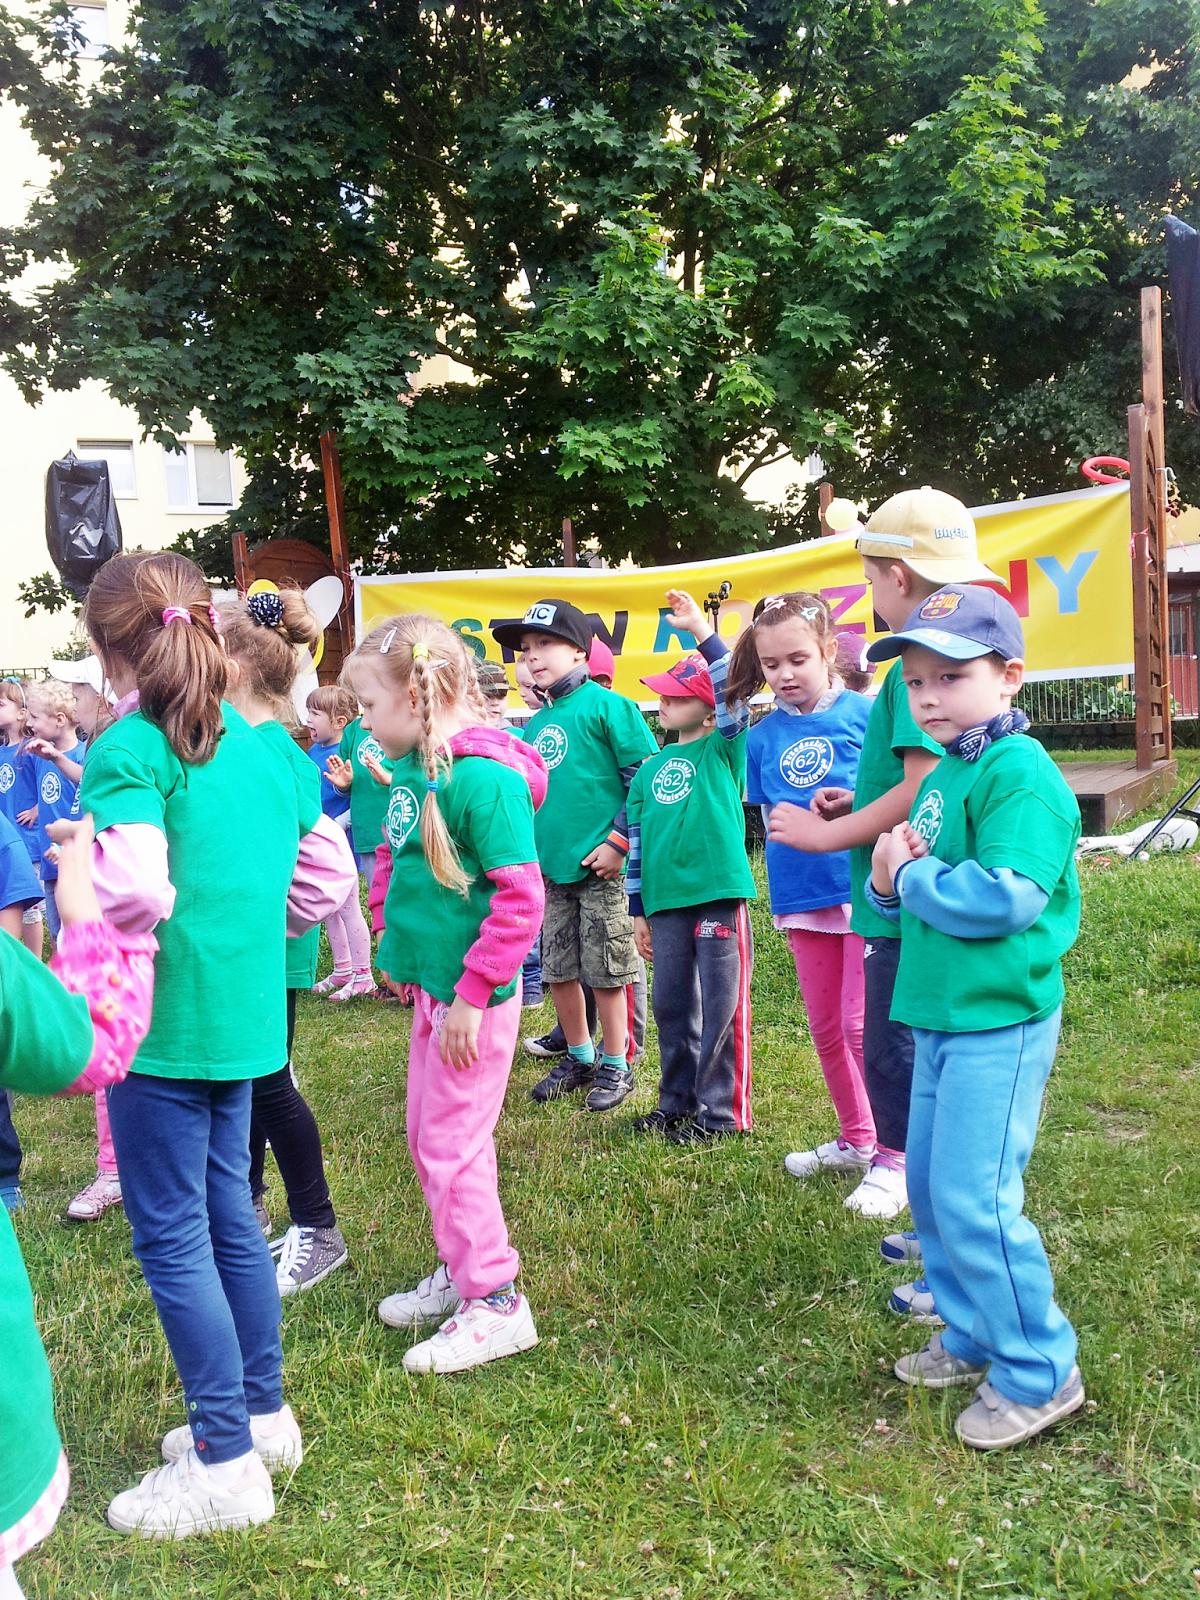 przedszkole baśniowe,szczecin przedszkole baśniowe,przedszkolaki,występu przedszkolne,festyn rodzinny